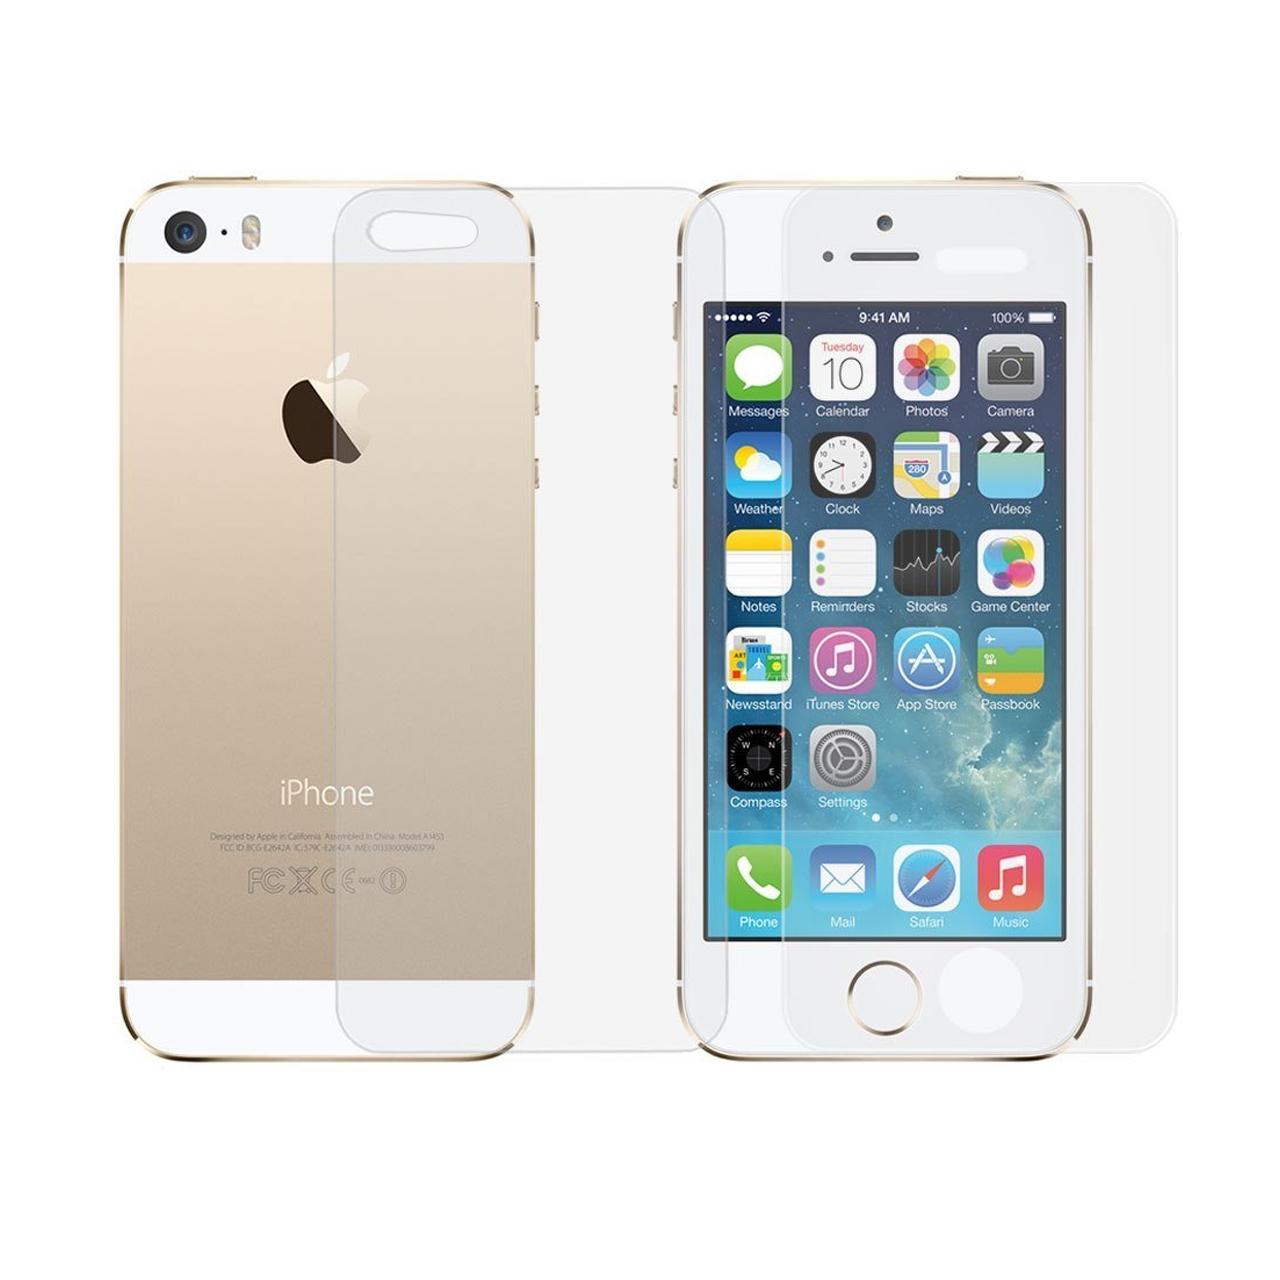 محافظ صفحه نمایش و پشت گوشی مدل HG125 مناسب برای گوشی موبایل اپل iPhone 5/5S/SE